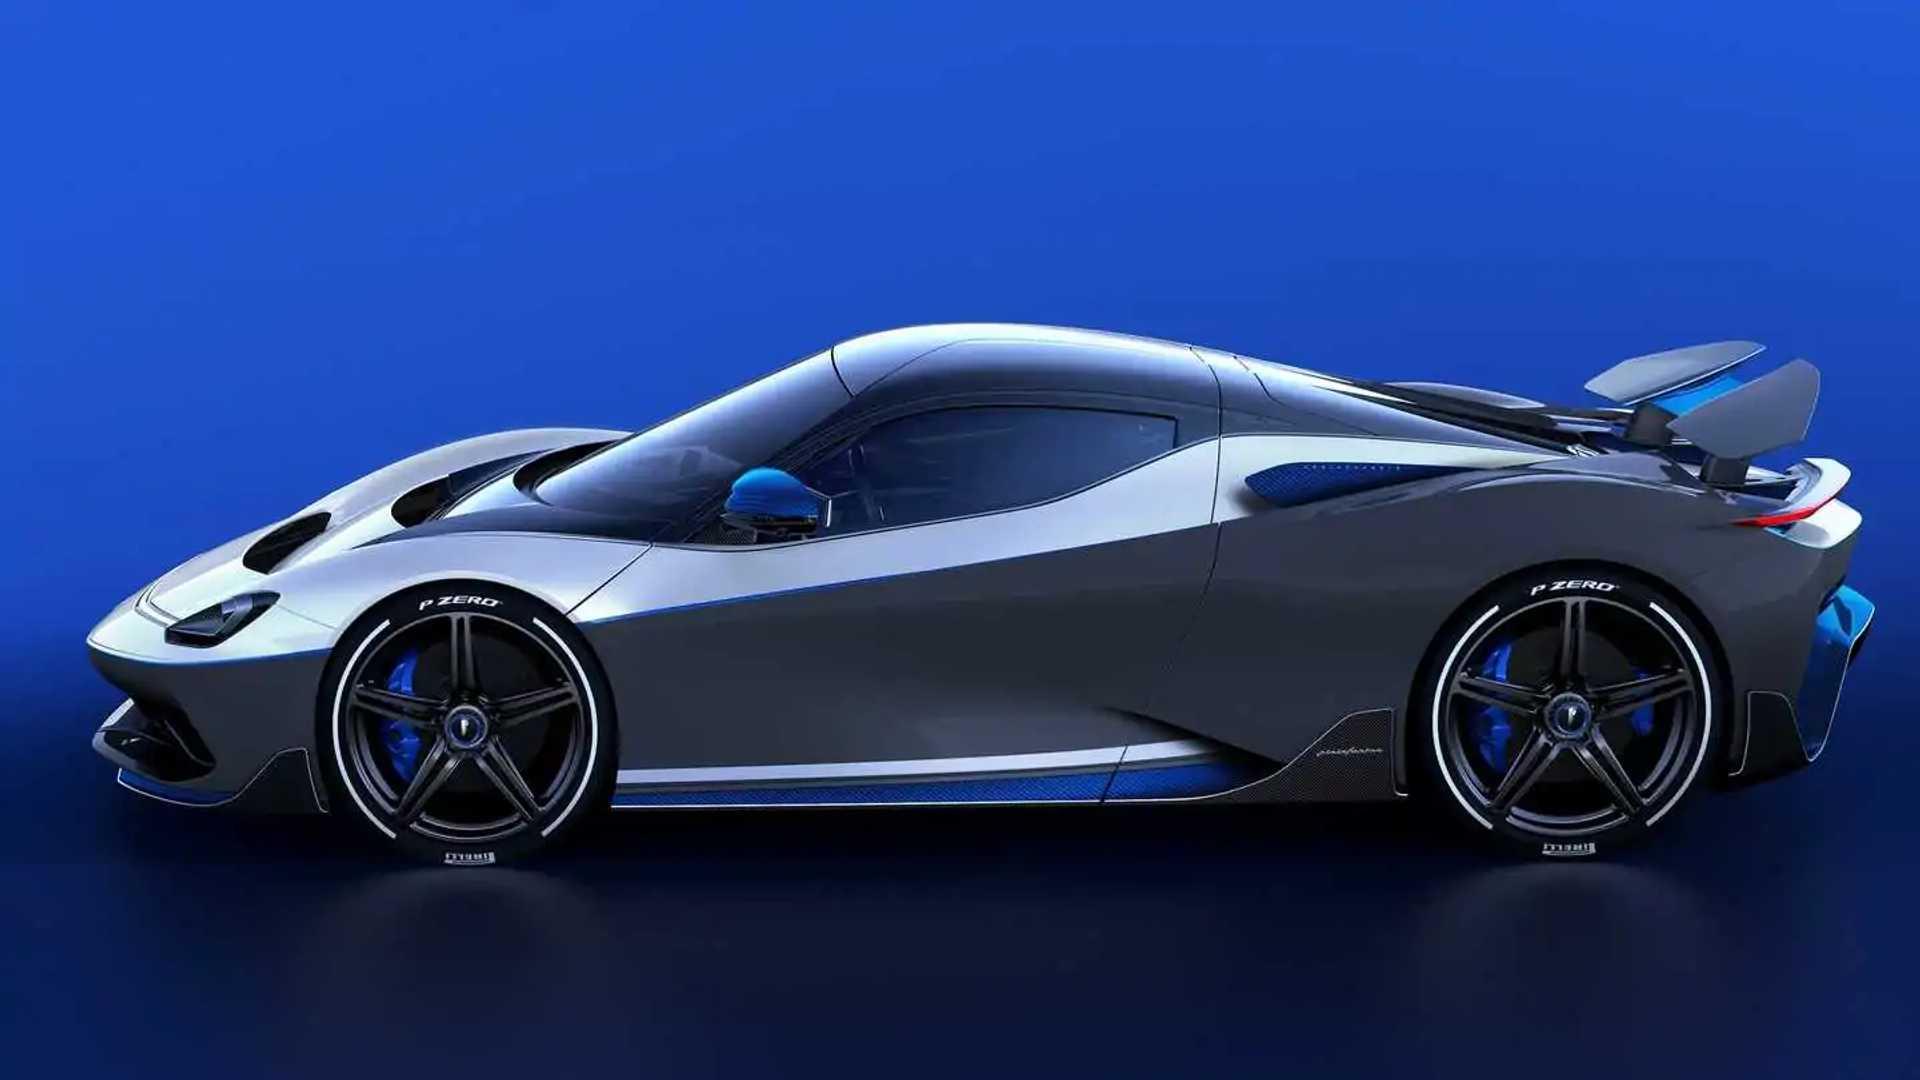 2018 - [Pininfarina] PF0 Concept / Battista  - Page 2 Pininfarina-battista-anniversario